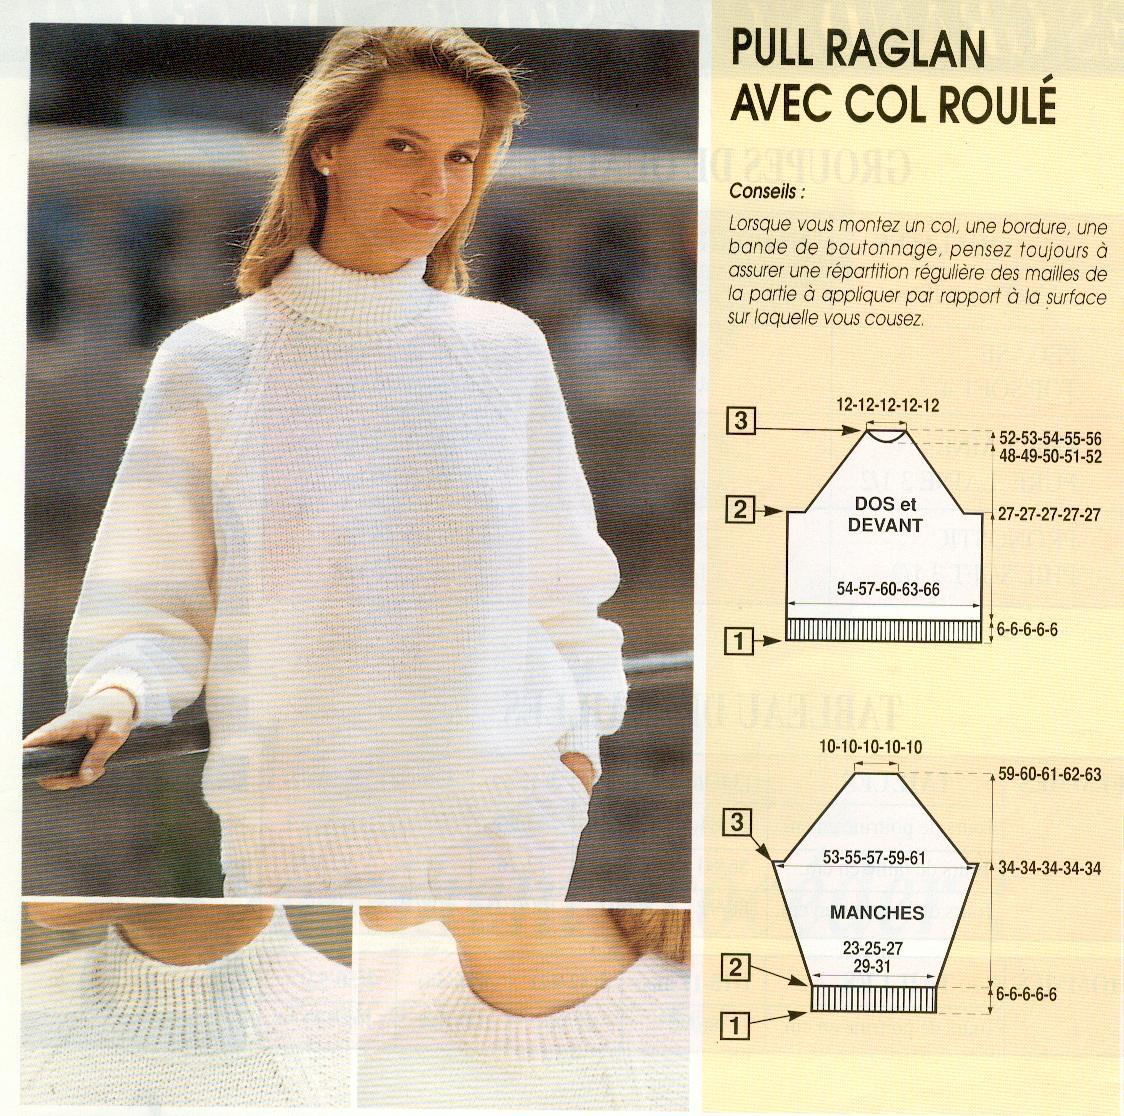 d8243c2f9f8 Je veux trouver un joli tricot pour mon bébé ou à offrir pas cher ICI Modele  de pull a tricoter gratuit pour femme